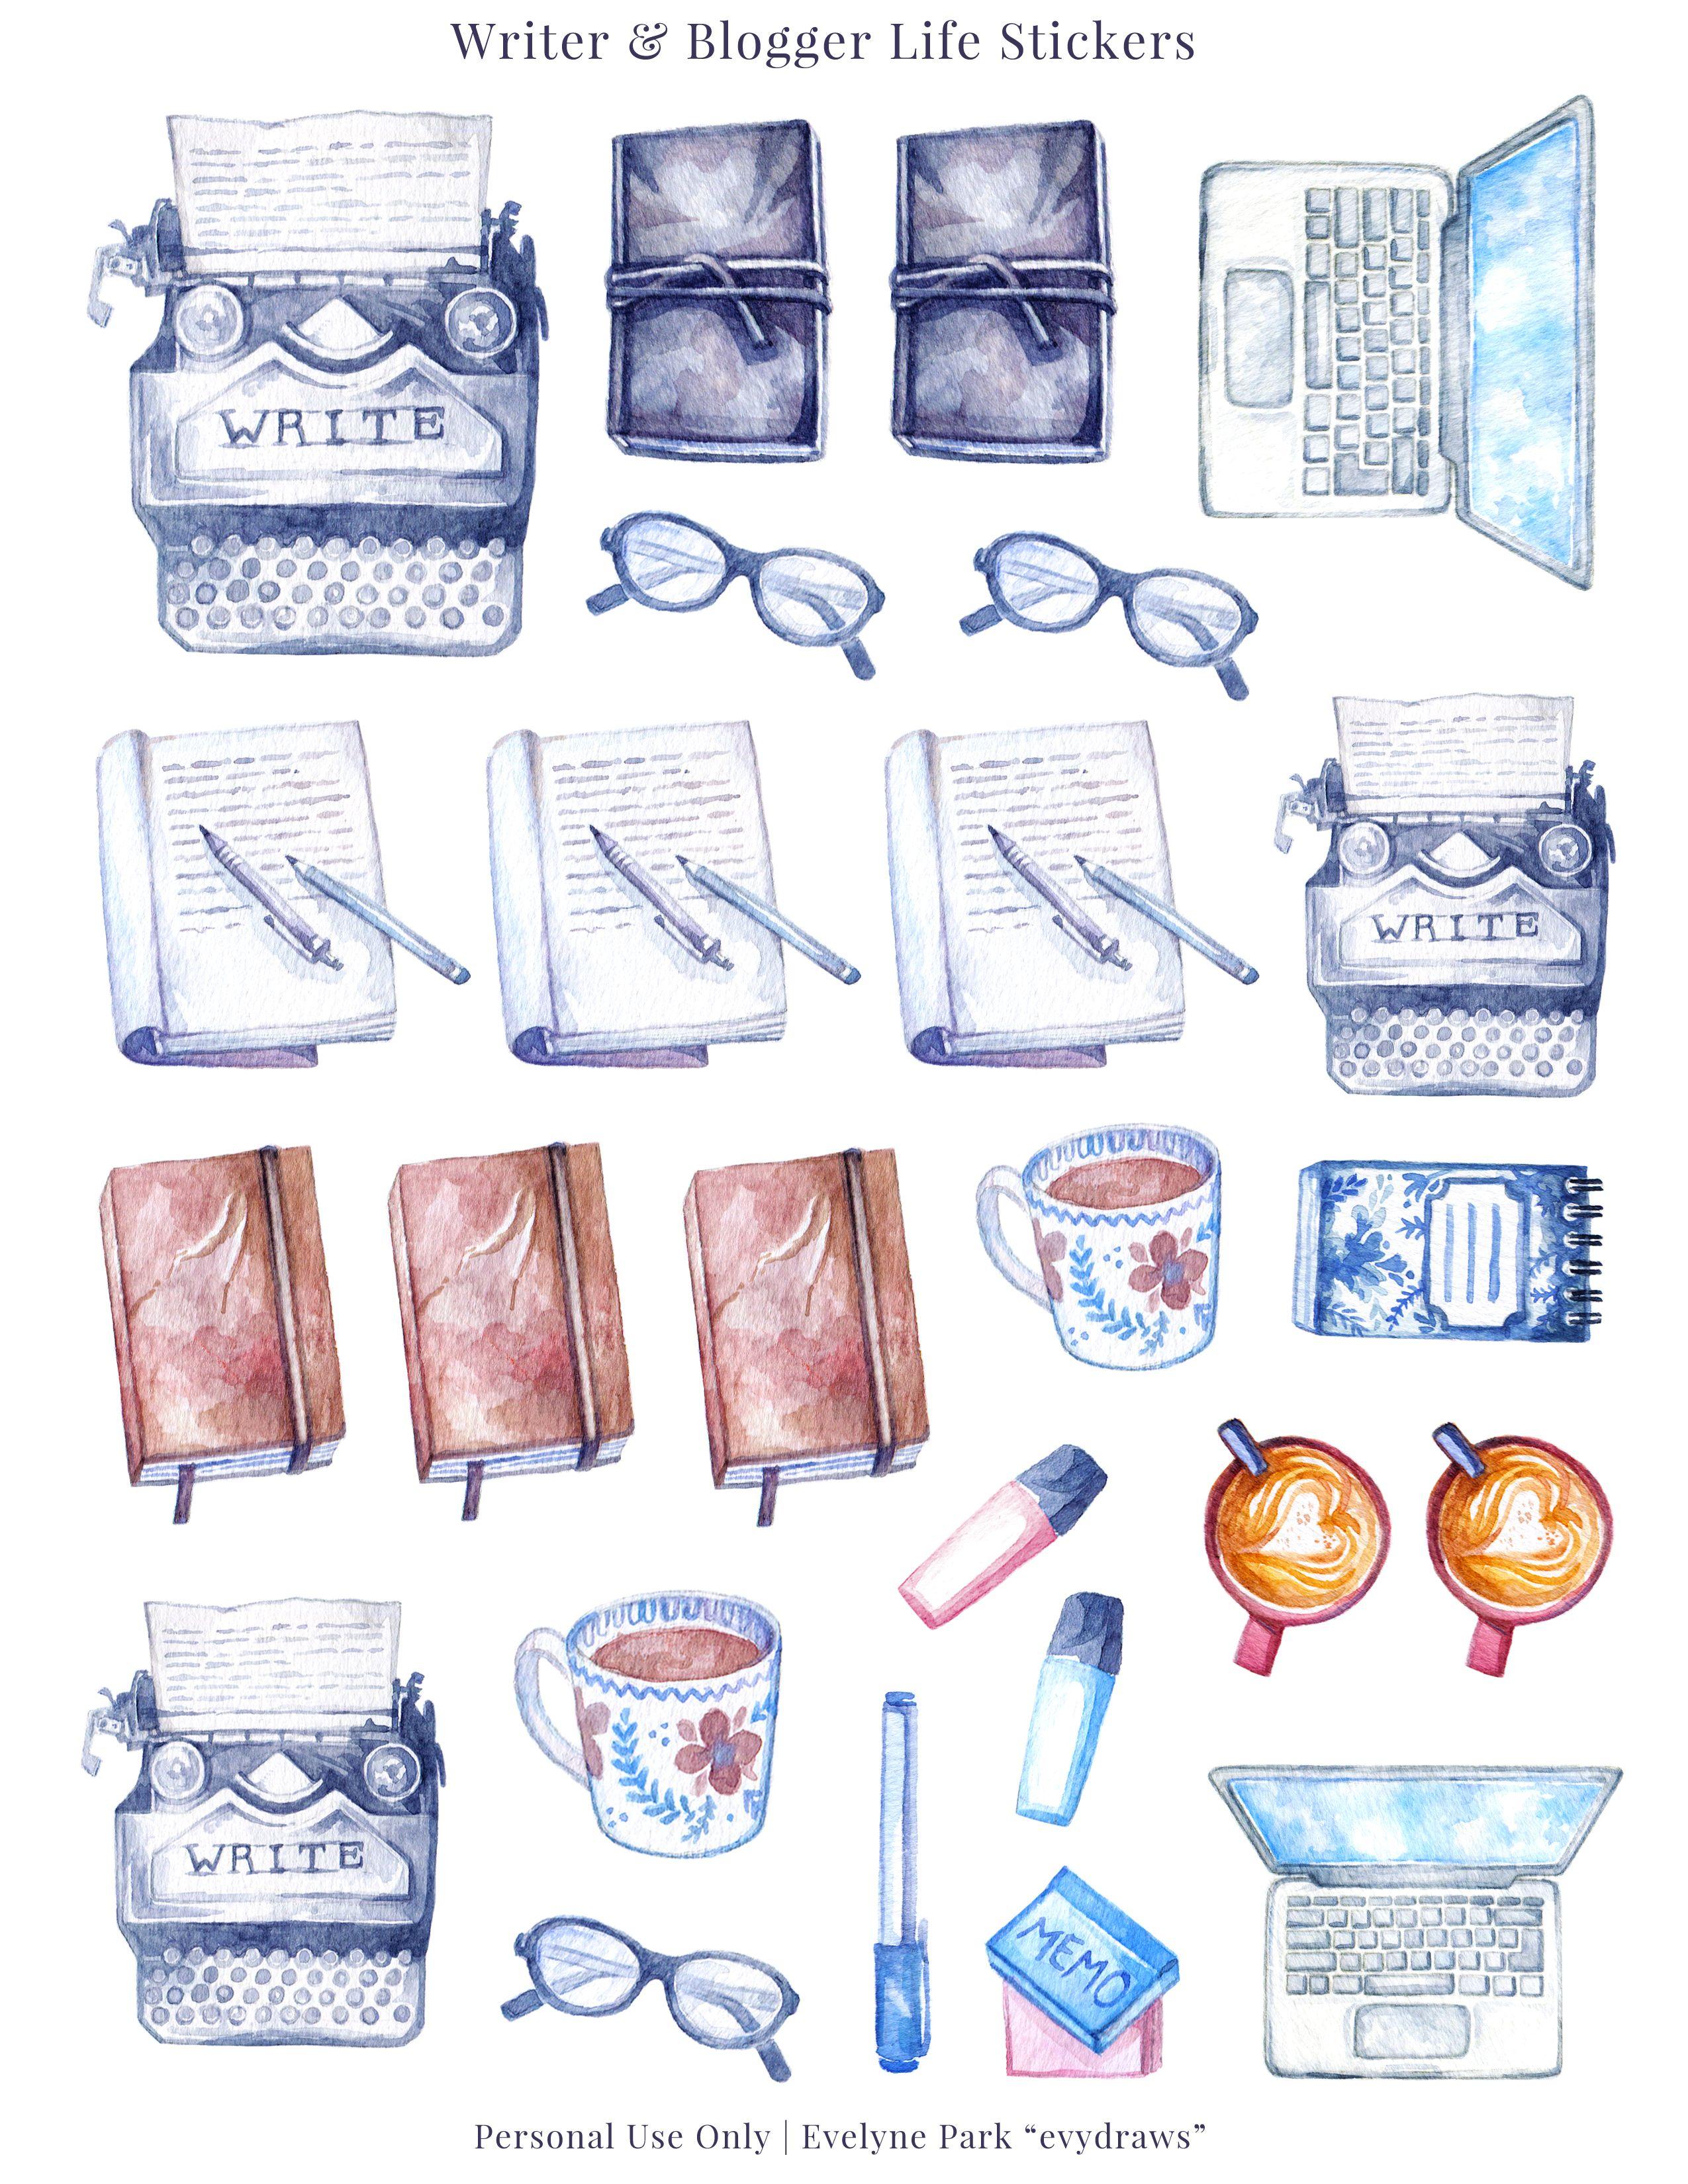 Blogging Writing Stickers Printable Typewriter Journals